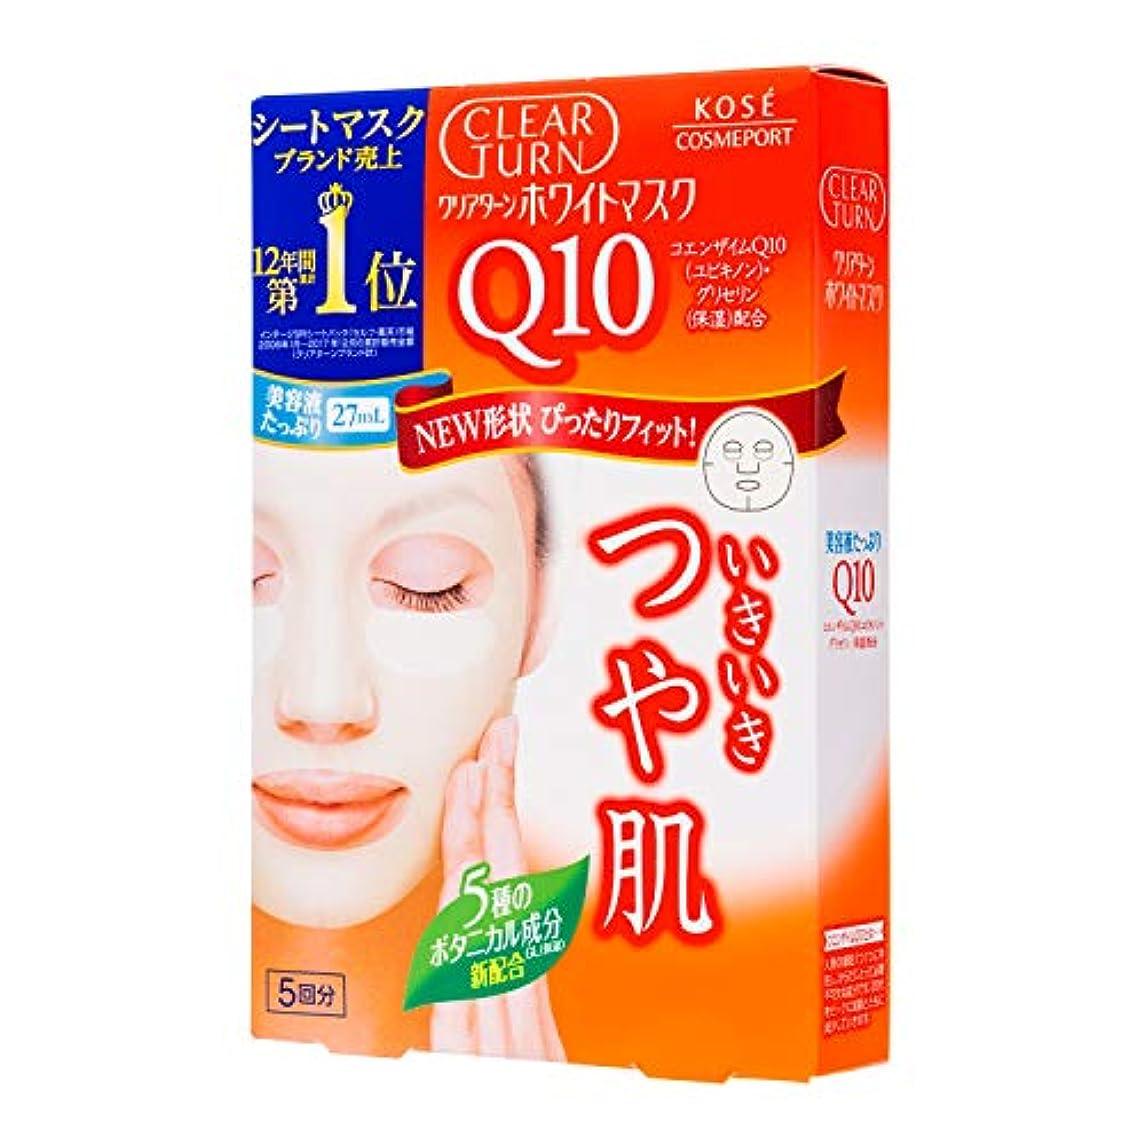 熱狂的な許すコロニアルクリアターン ホワイト マスク Q10 c (コエンザイムQ10) 5回分